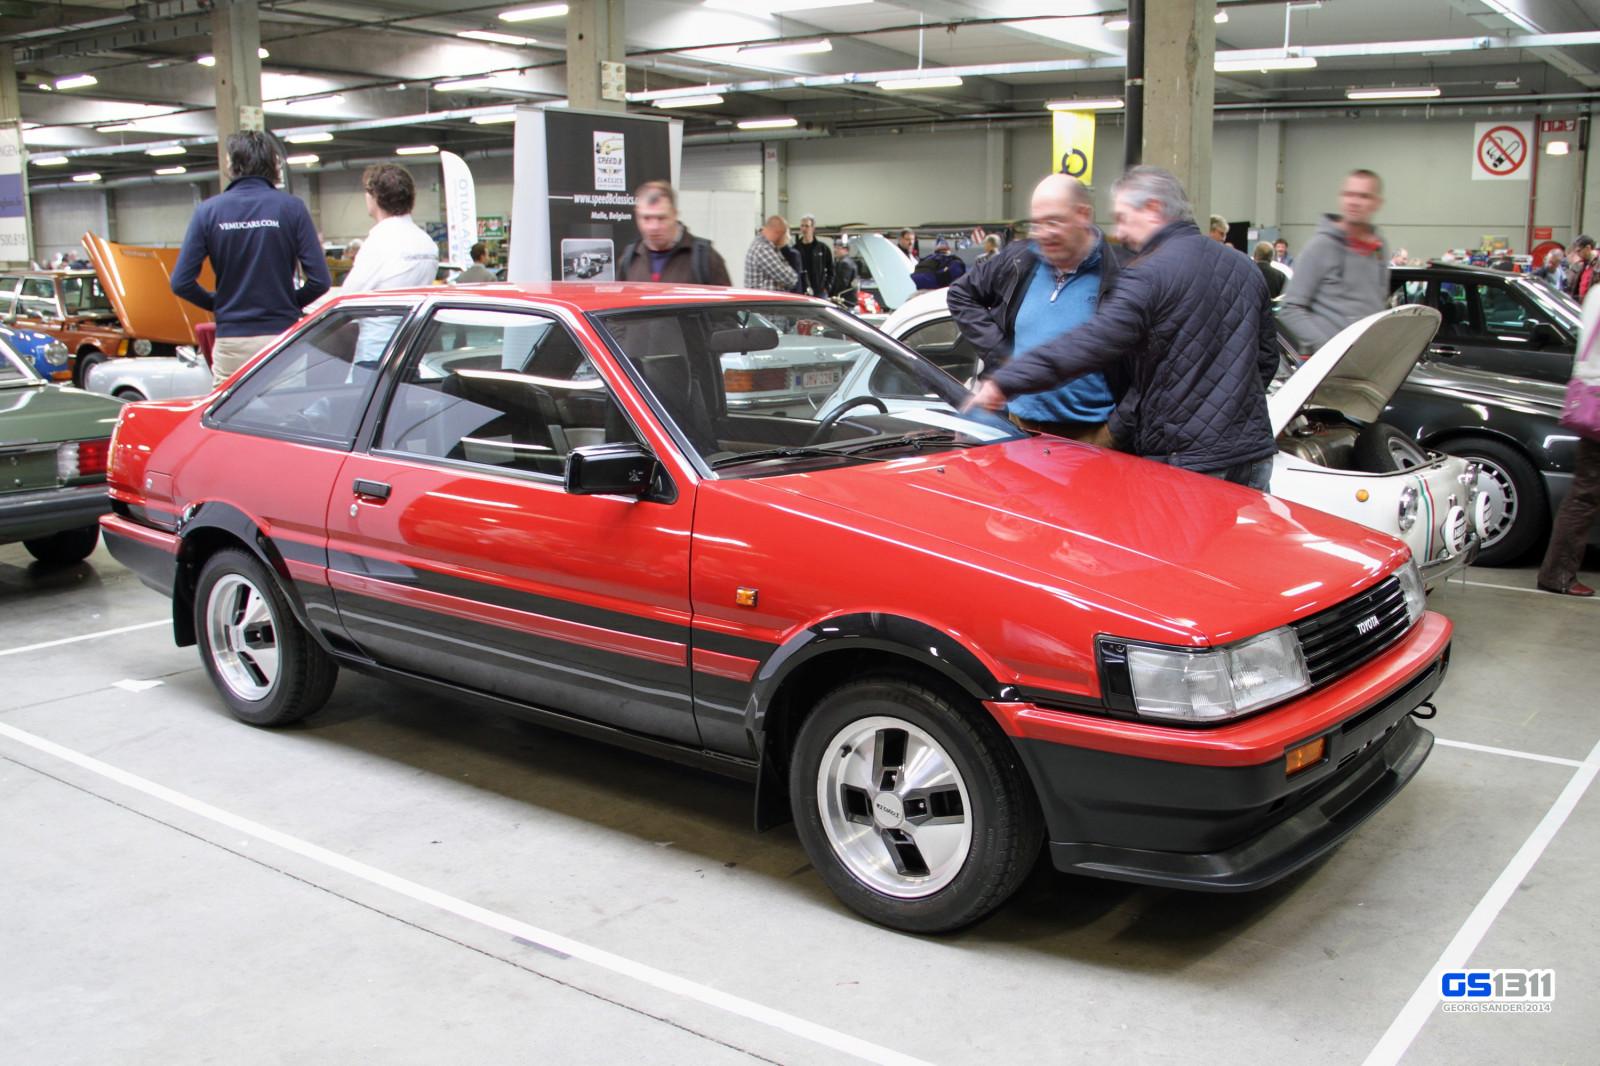 5800 Koleksi Gambar Mobil Balap Di Kertas Gratis